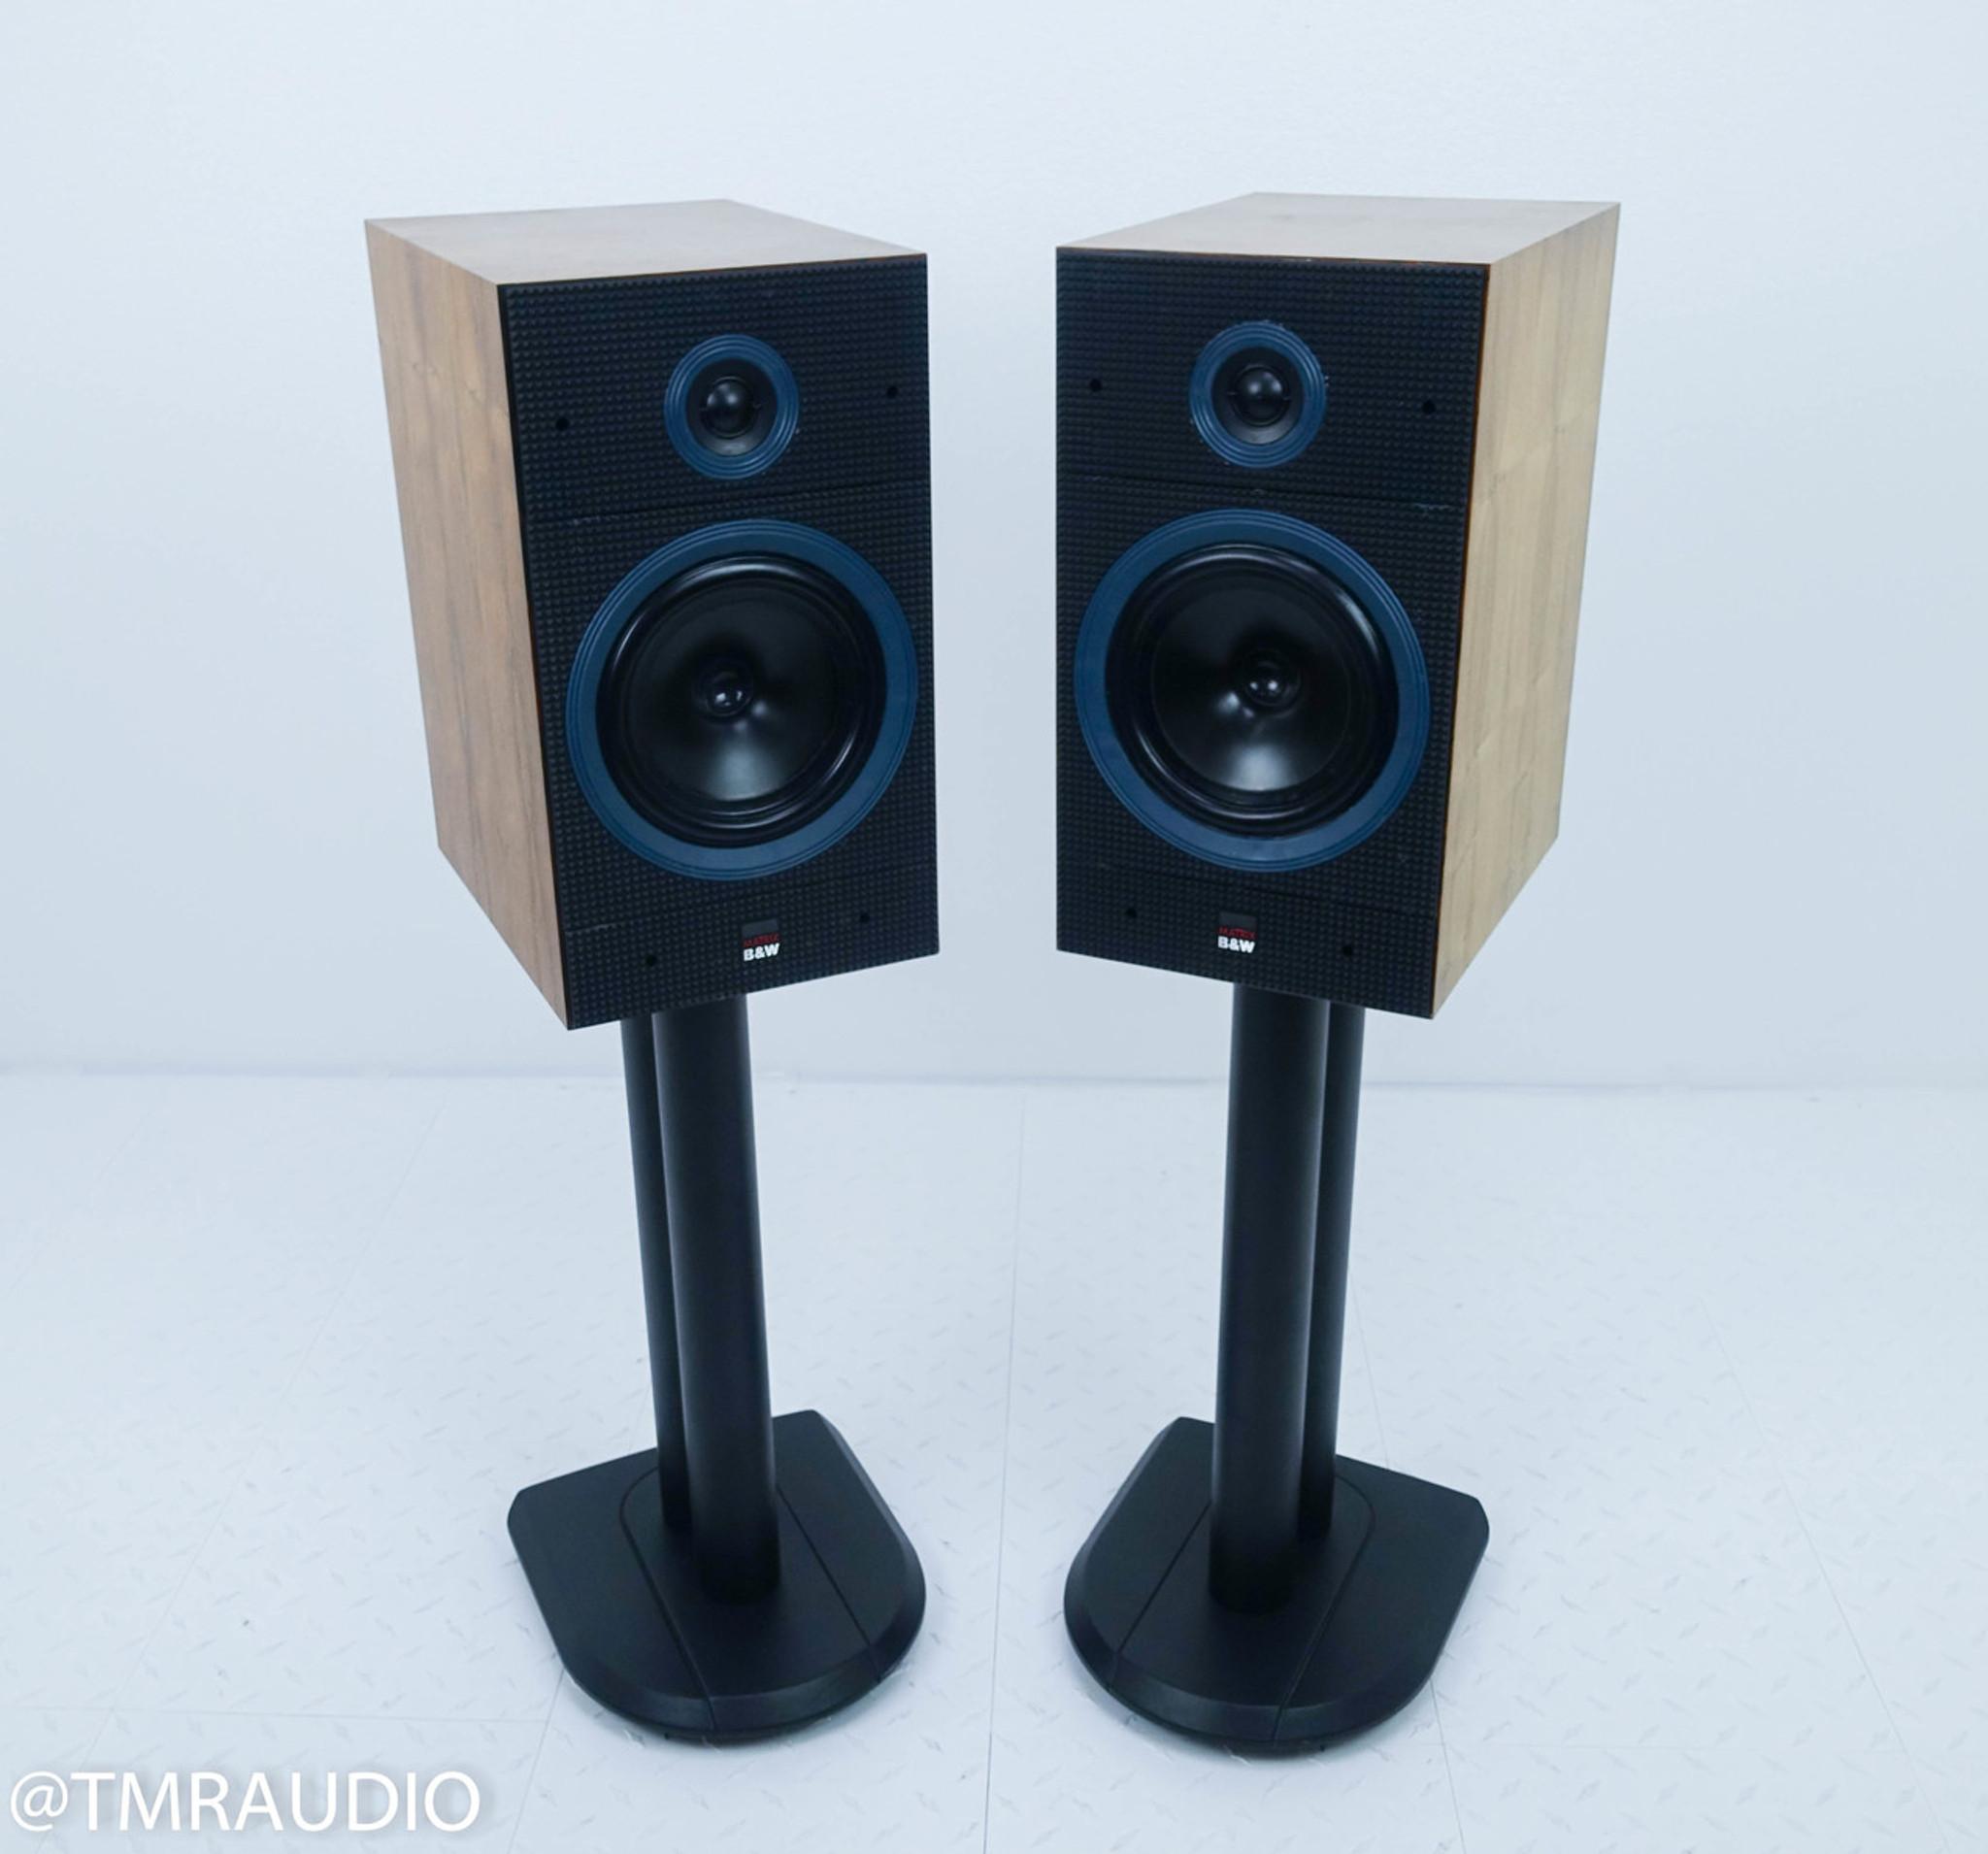 B W Matrix 1 Bookshelf Speakers Walnut Pair W Stands